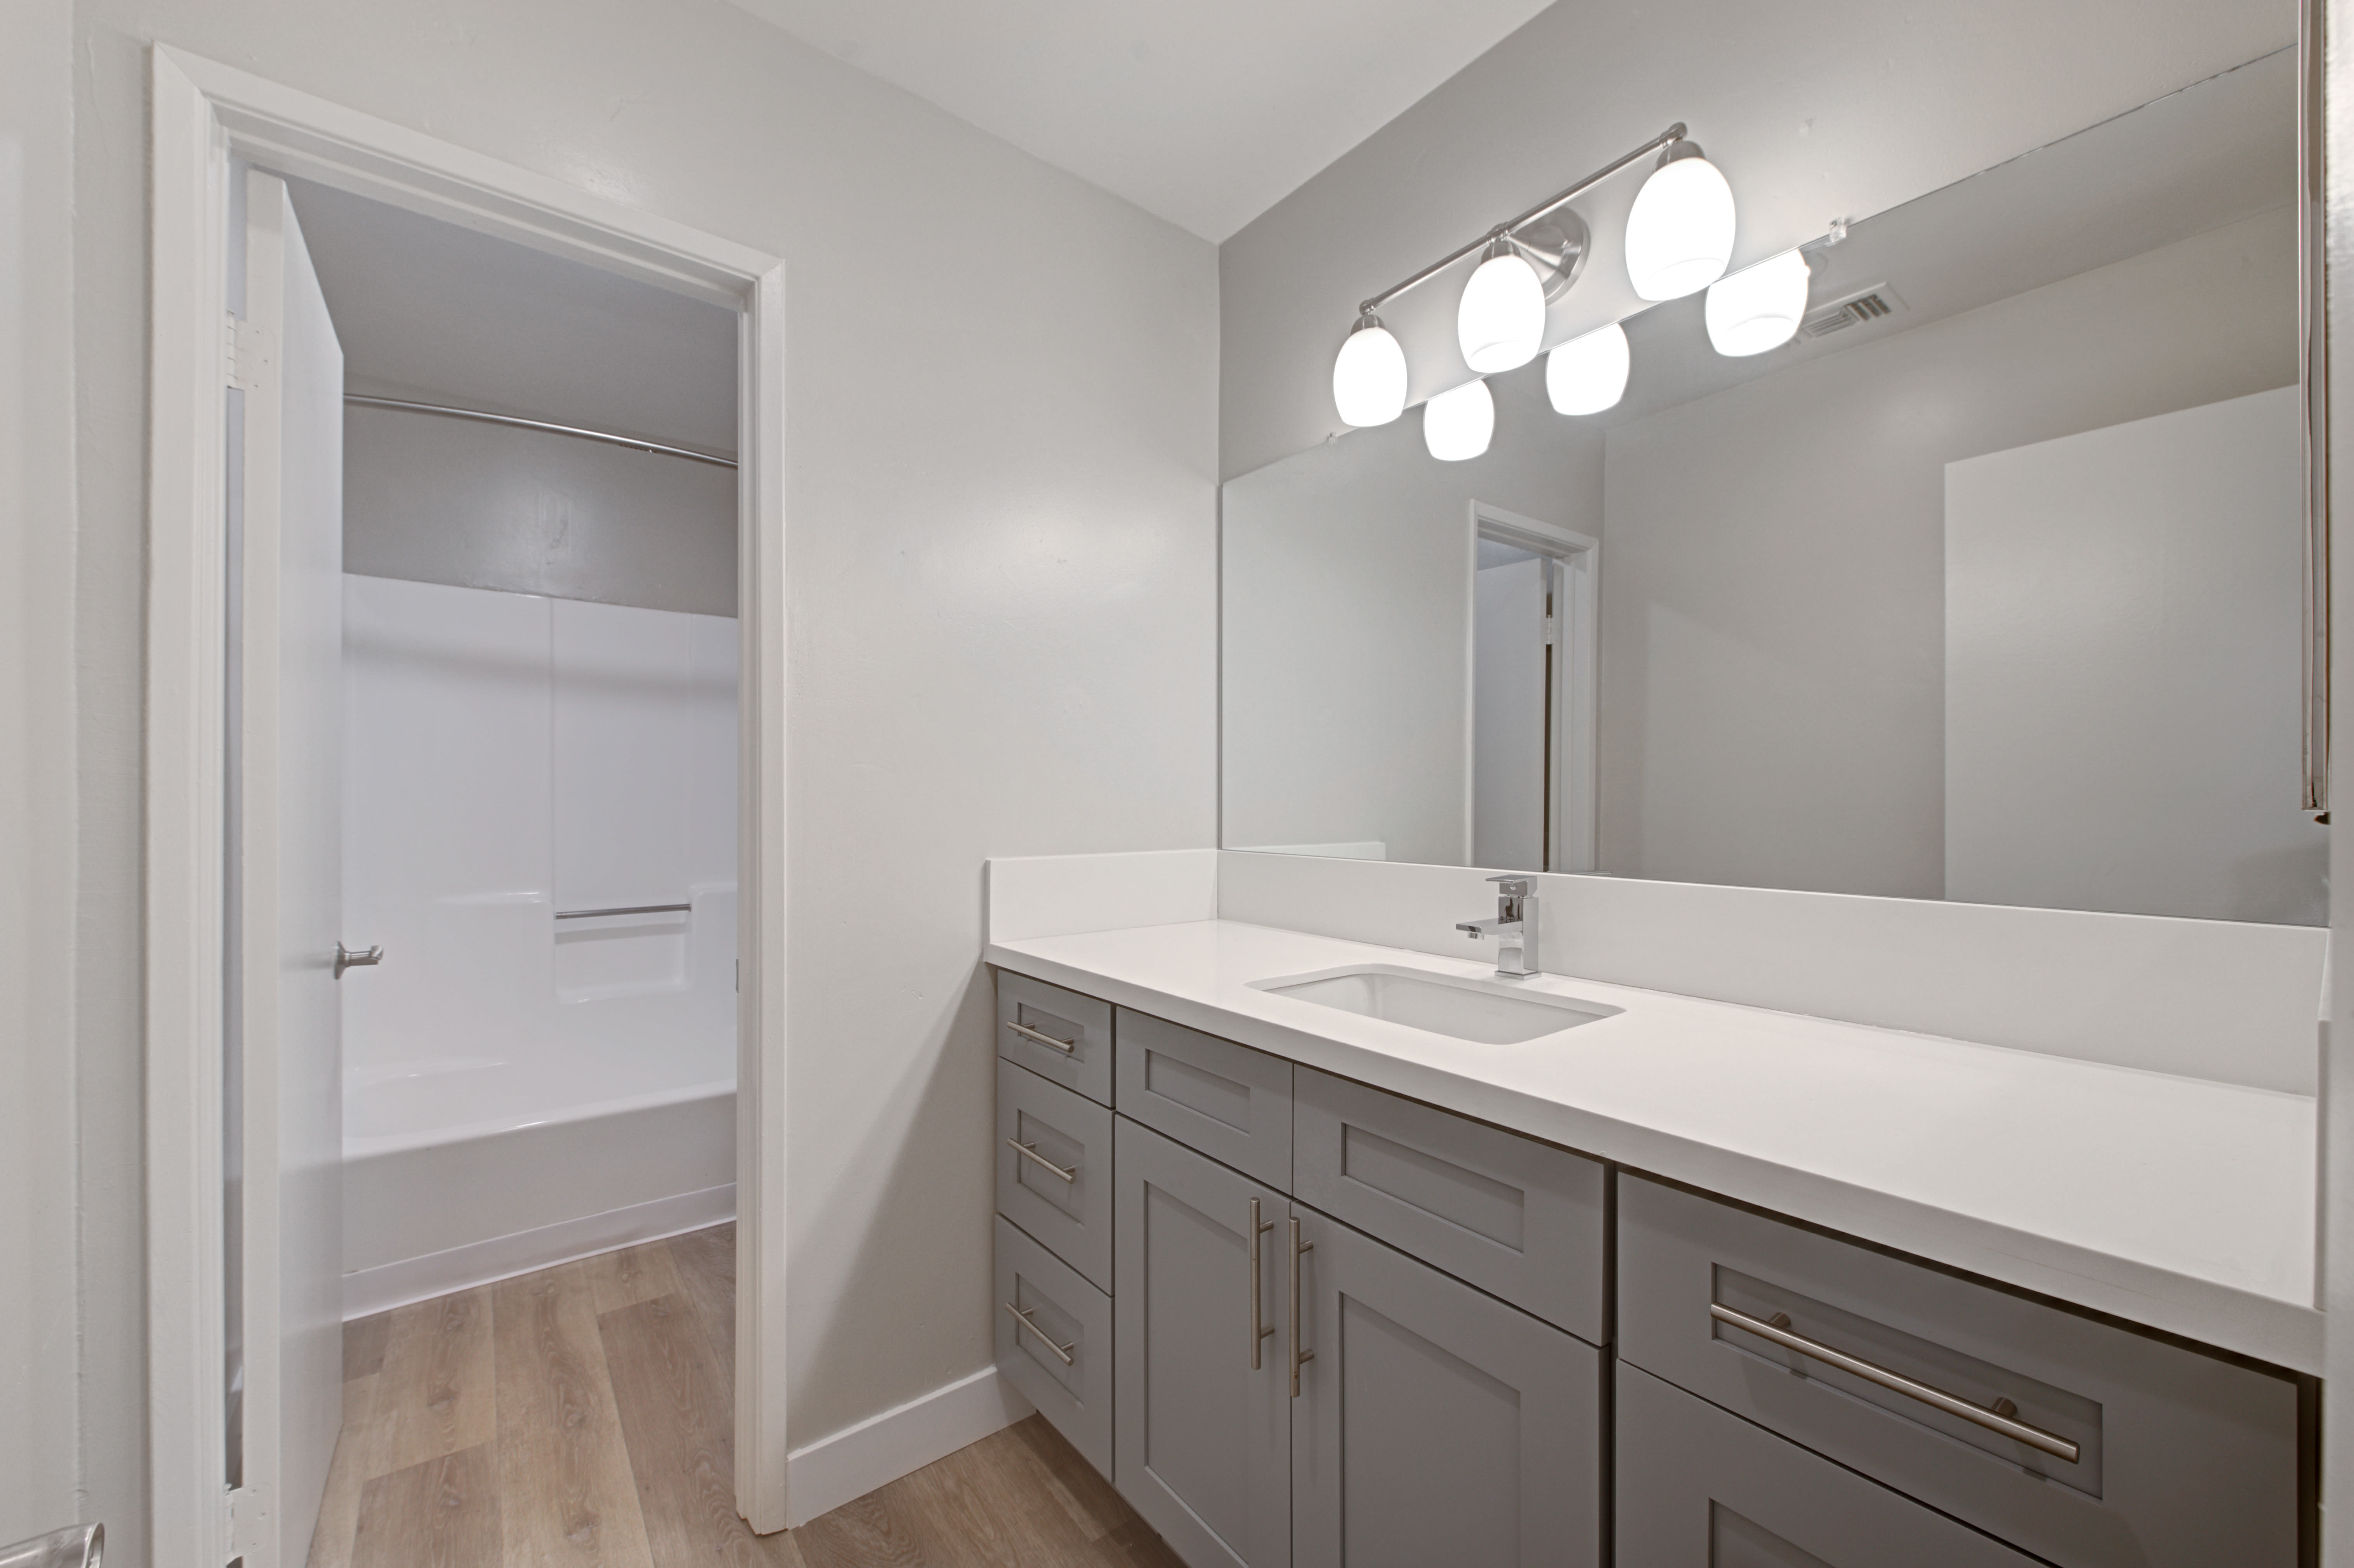 Luxury bathrooms with closet at Sofi Ventura in Ventura, California